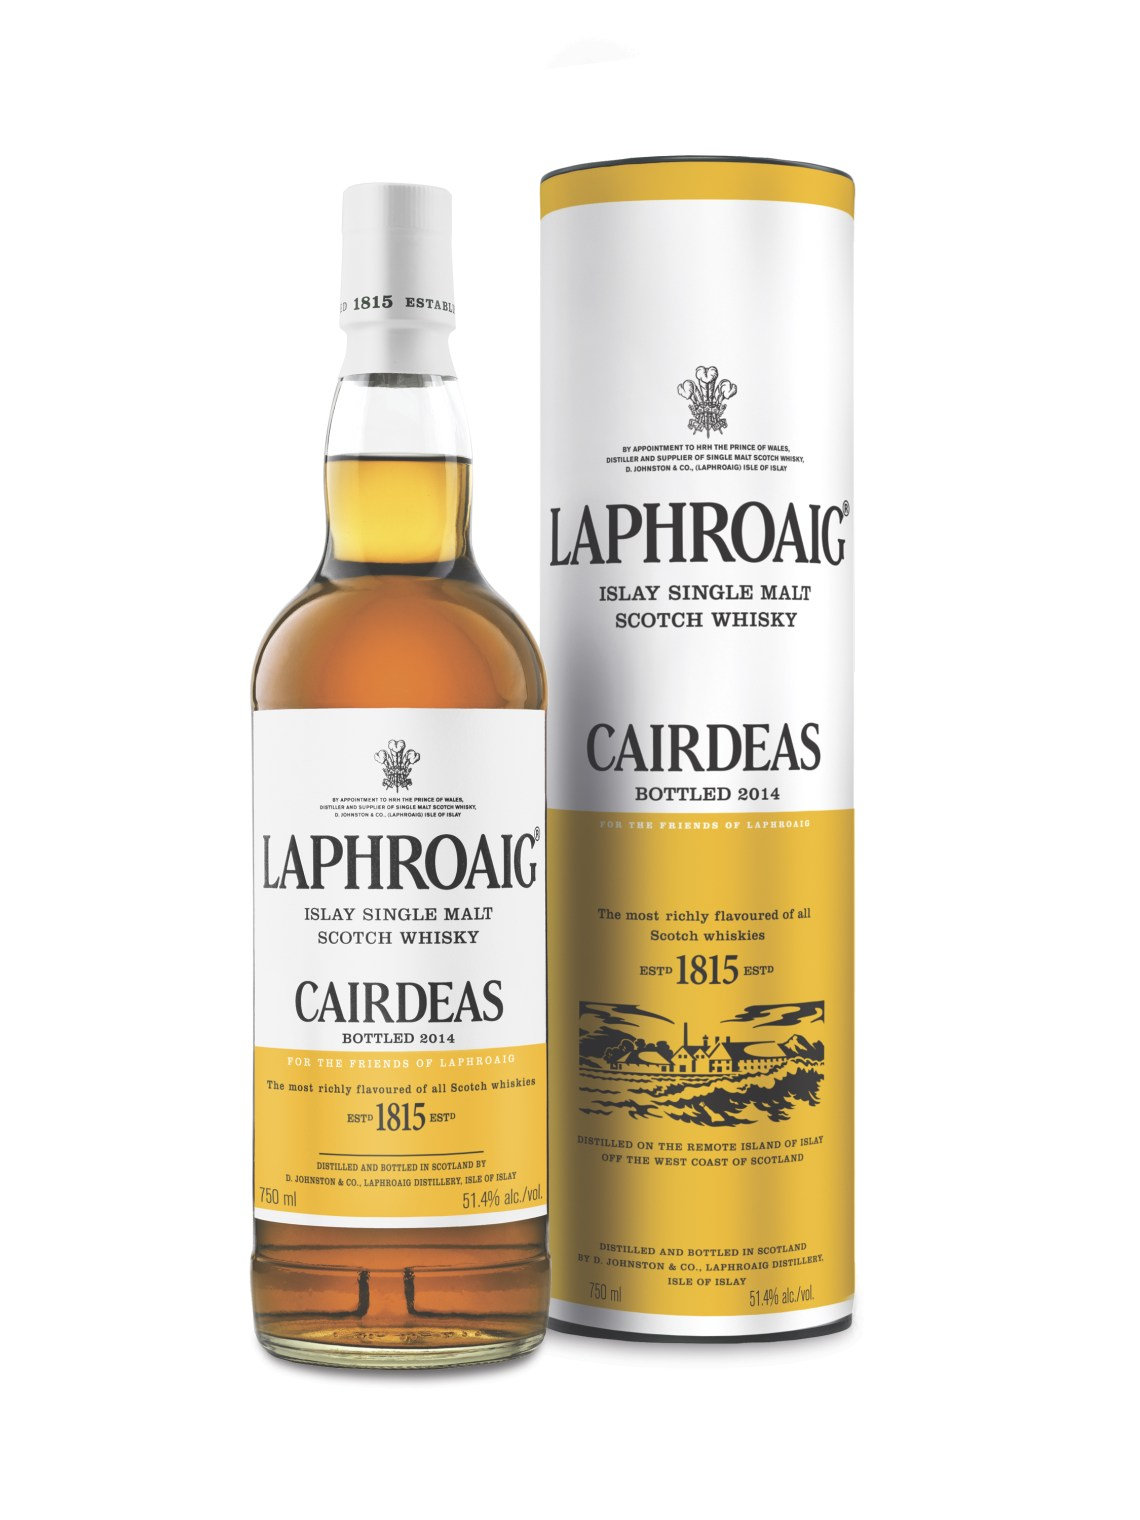 Laphroaig Cairdeas Amontillado Edition 2014